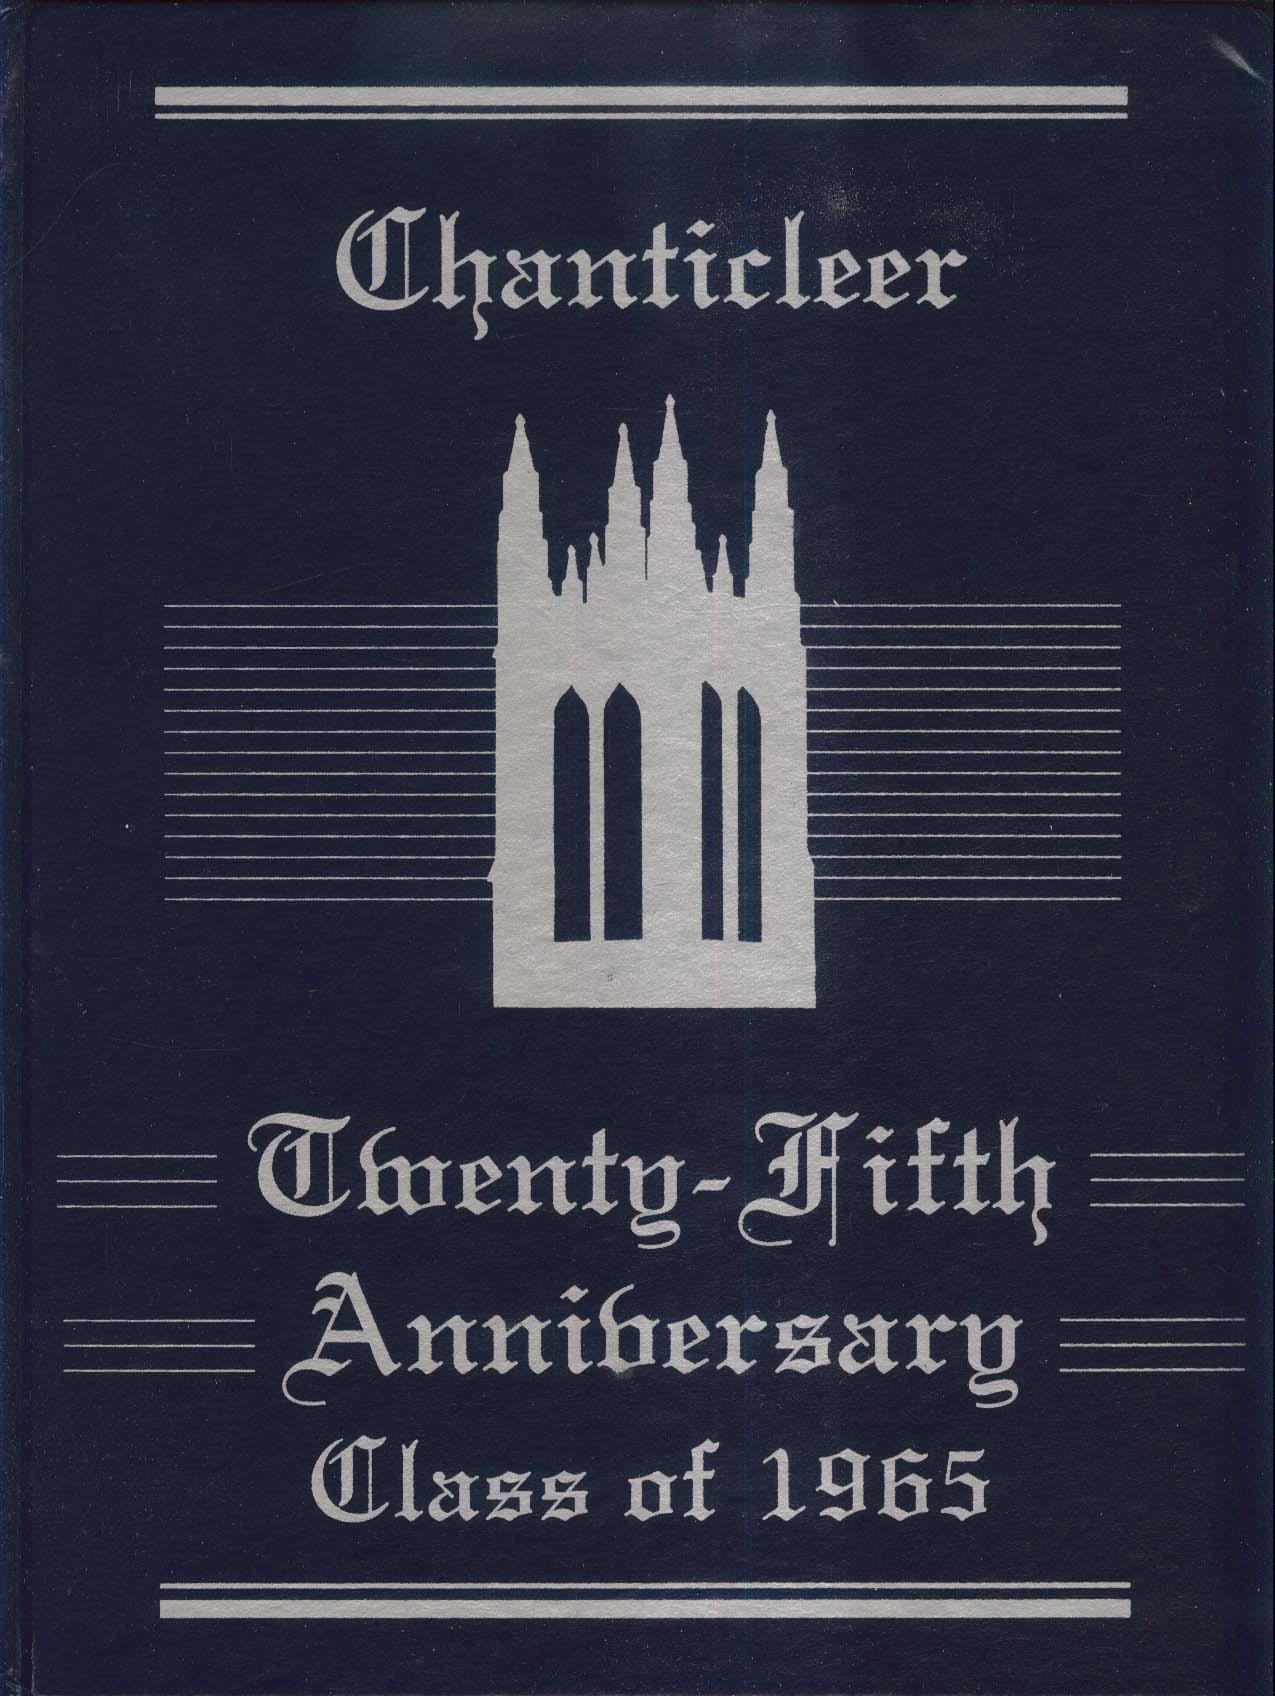 Image for Chanticleer 25th Anniversary Duke University Class of 1965 Yearbook 1990